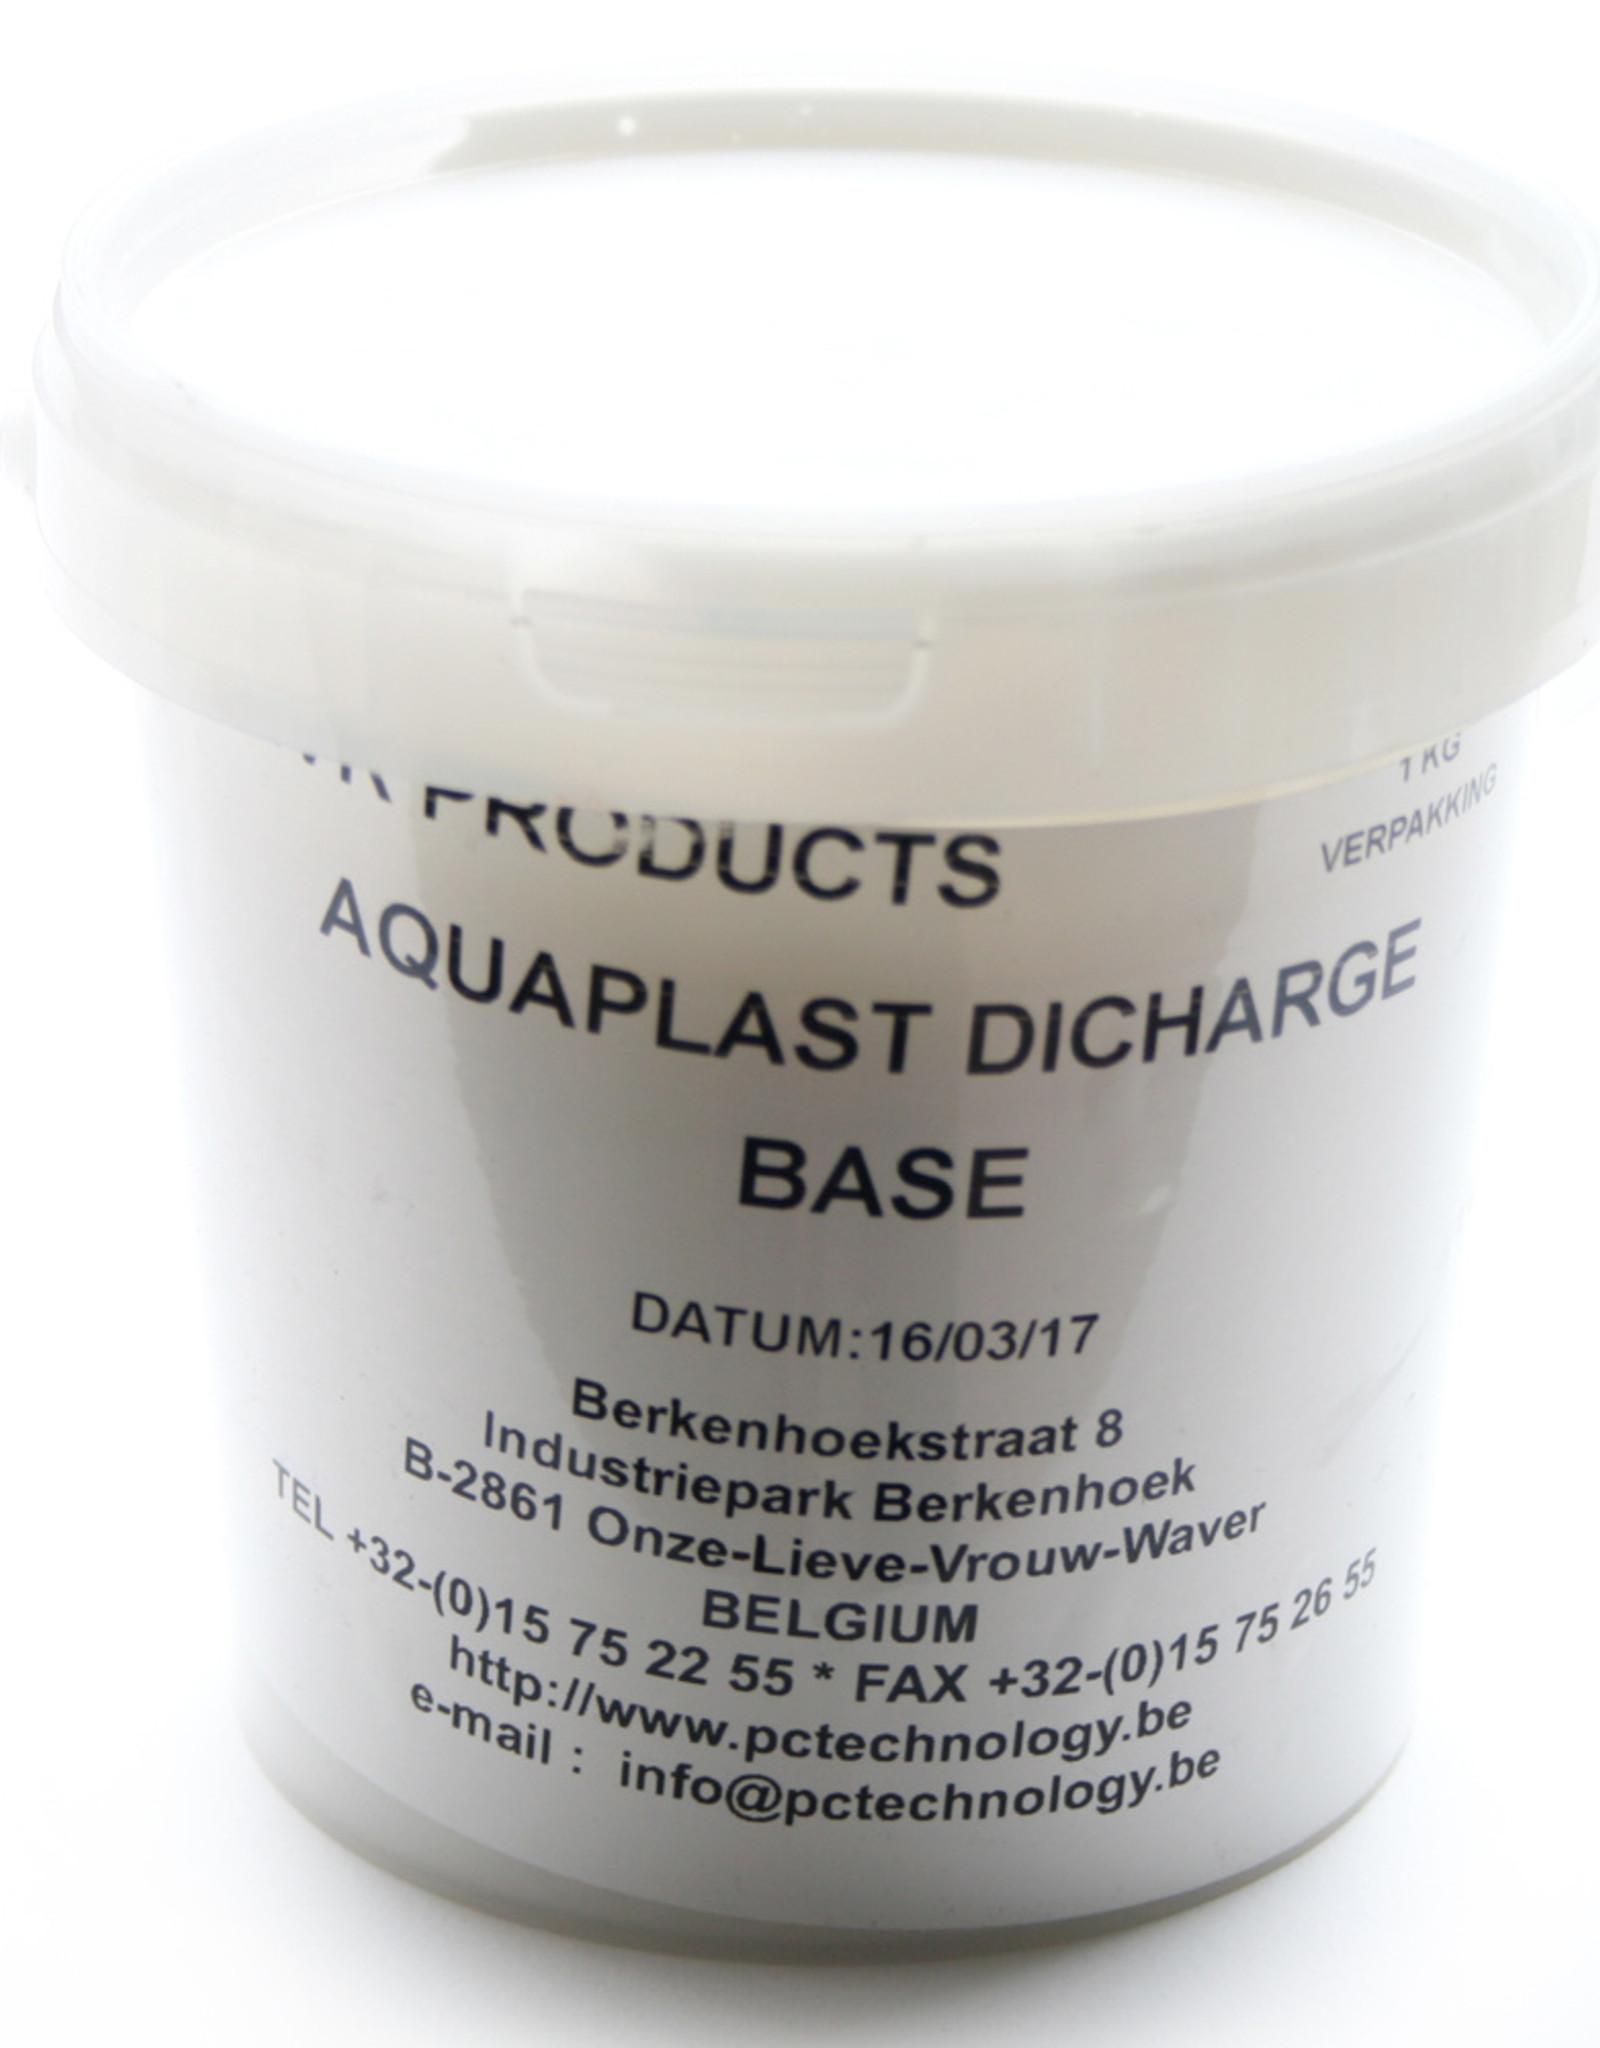 HVK HVK Discharge Inkt Aquaplast 1 Kilogram Transparant Base